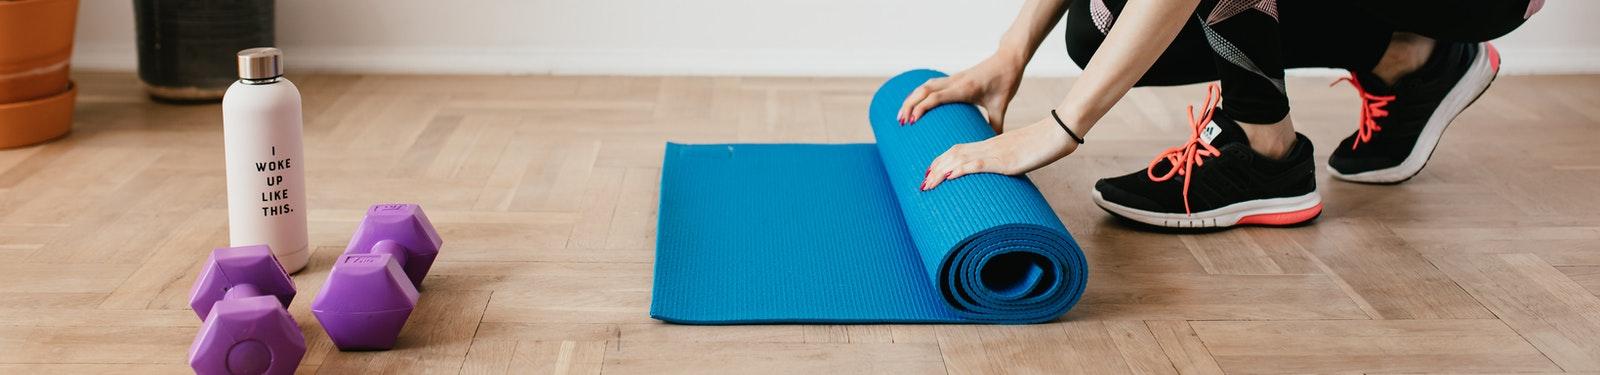 ejercicio piernas tumbado